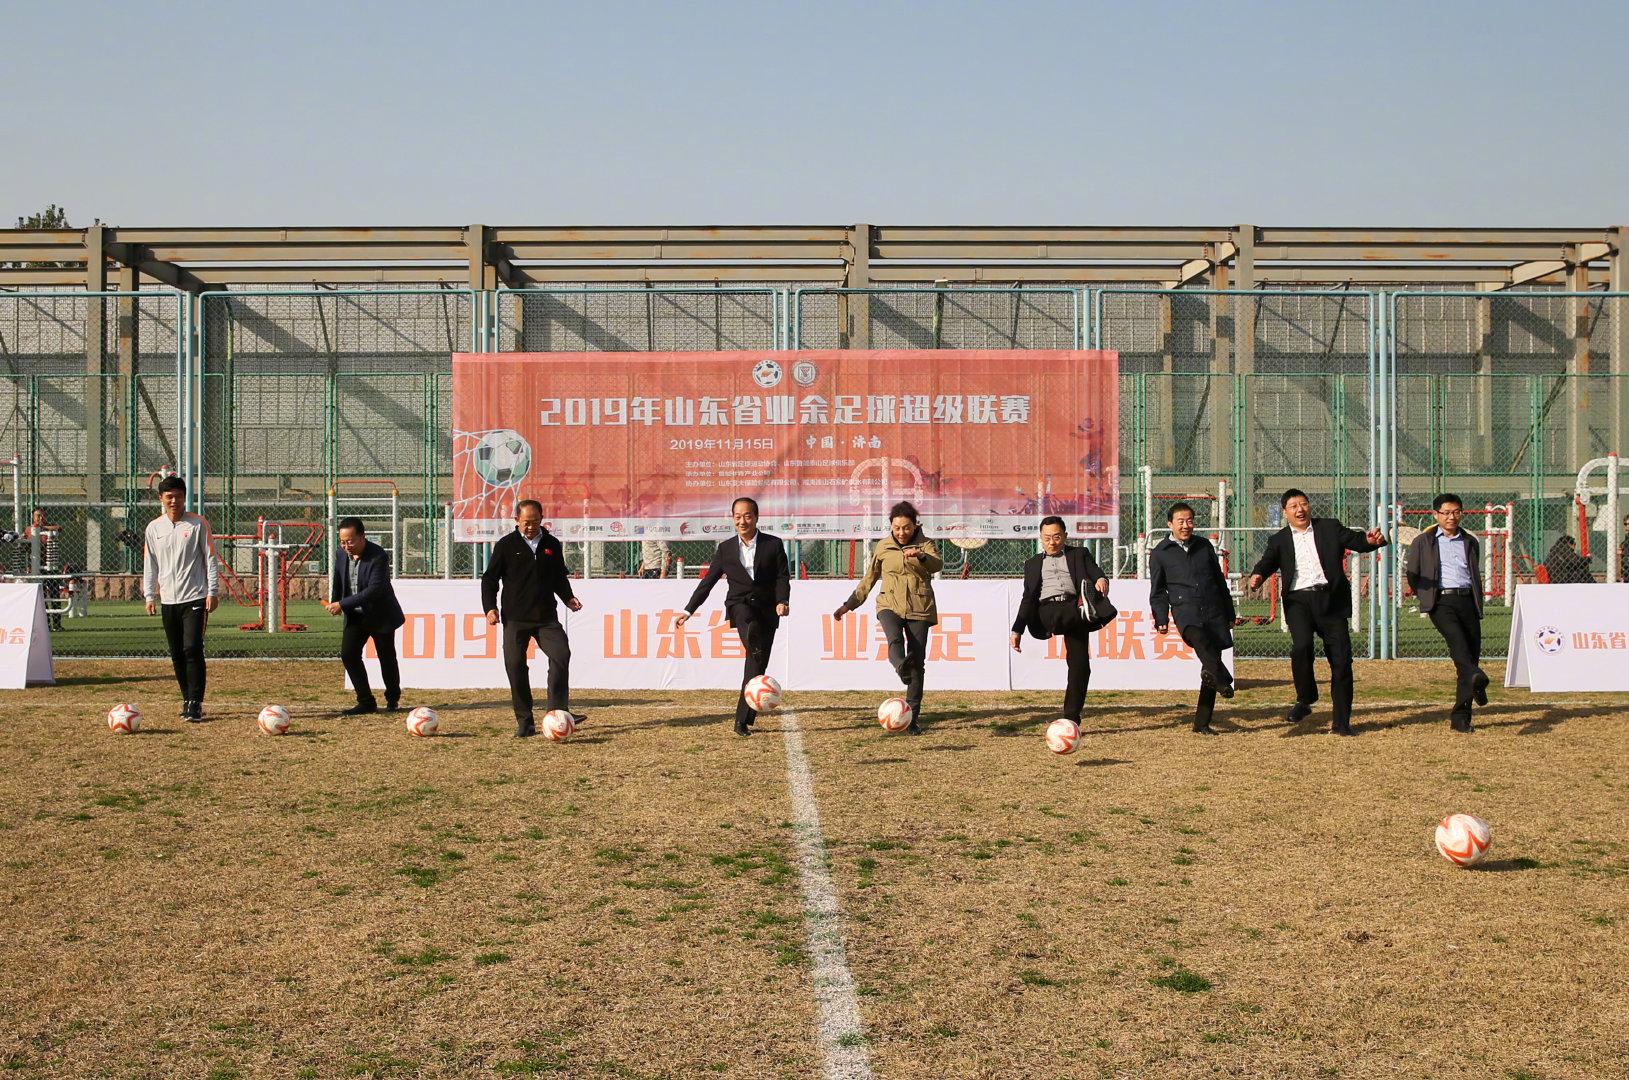 11月15日,2019年山东省业余足球超级联赛开幕式在鲁能泰山广场举行